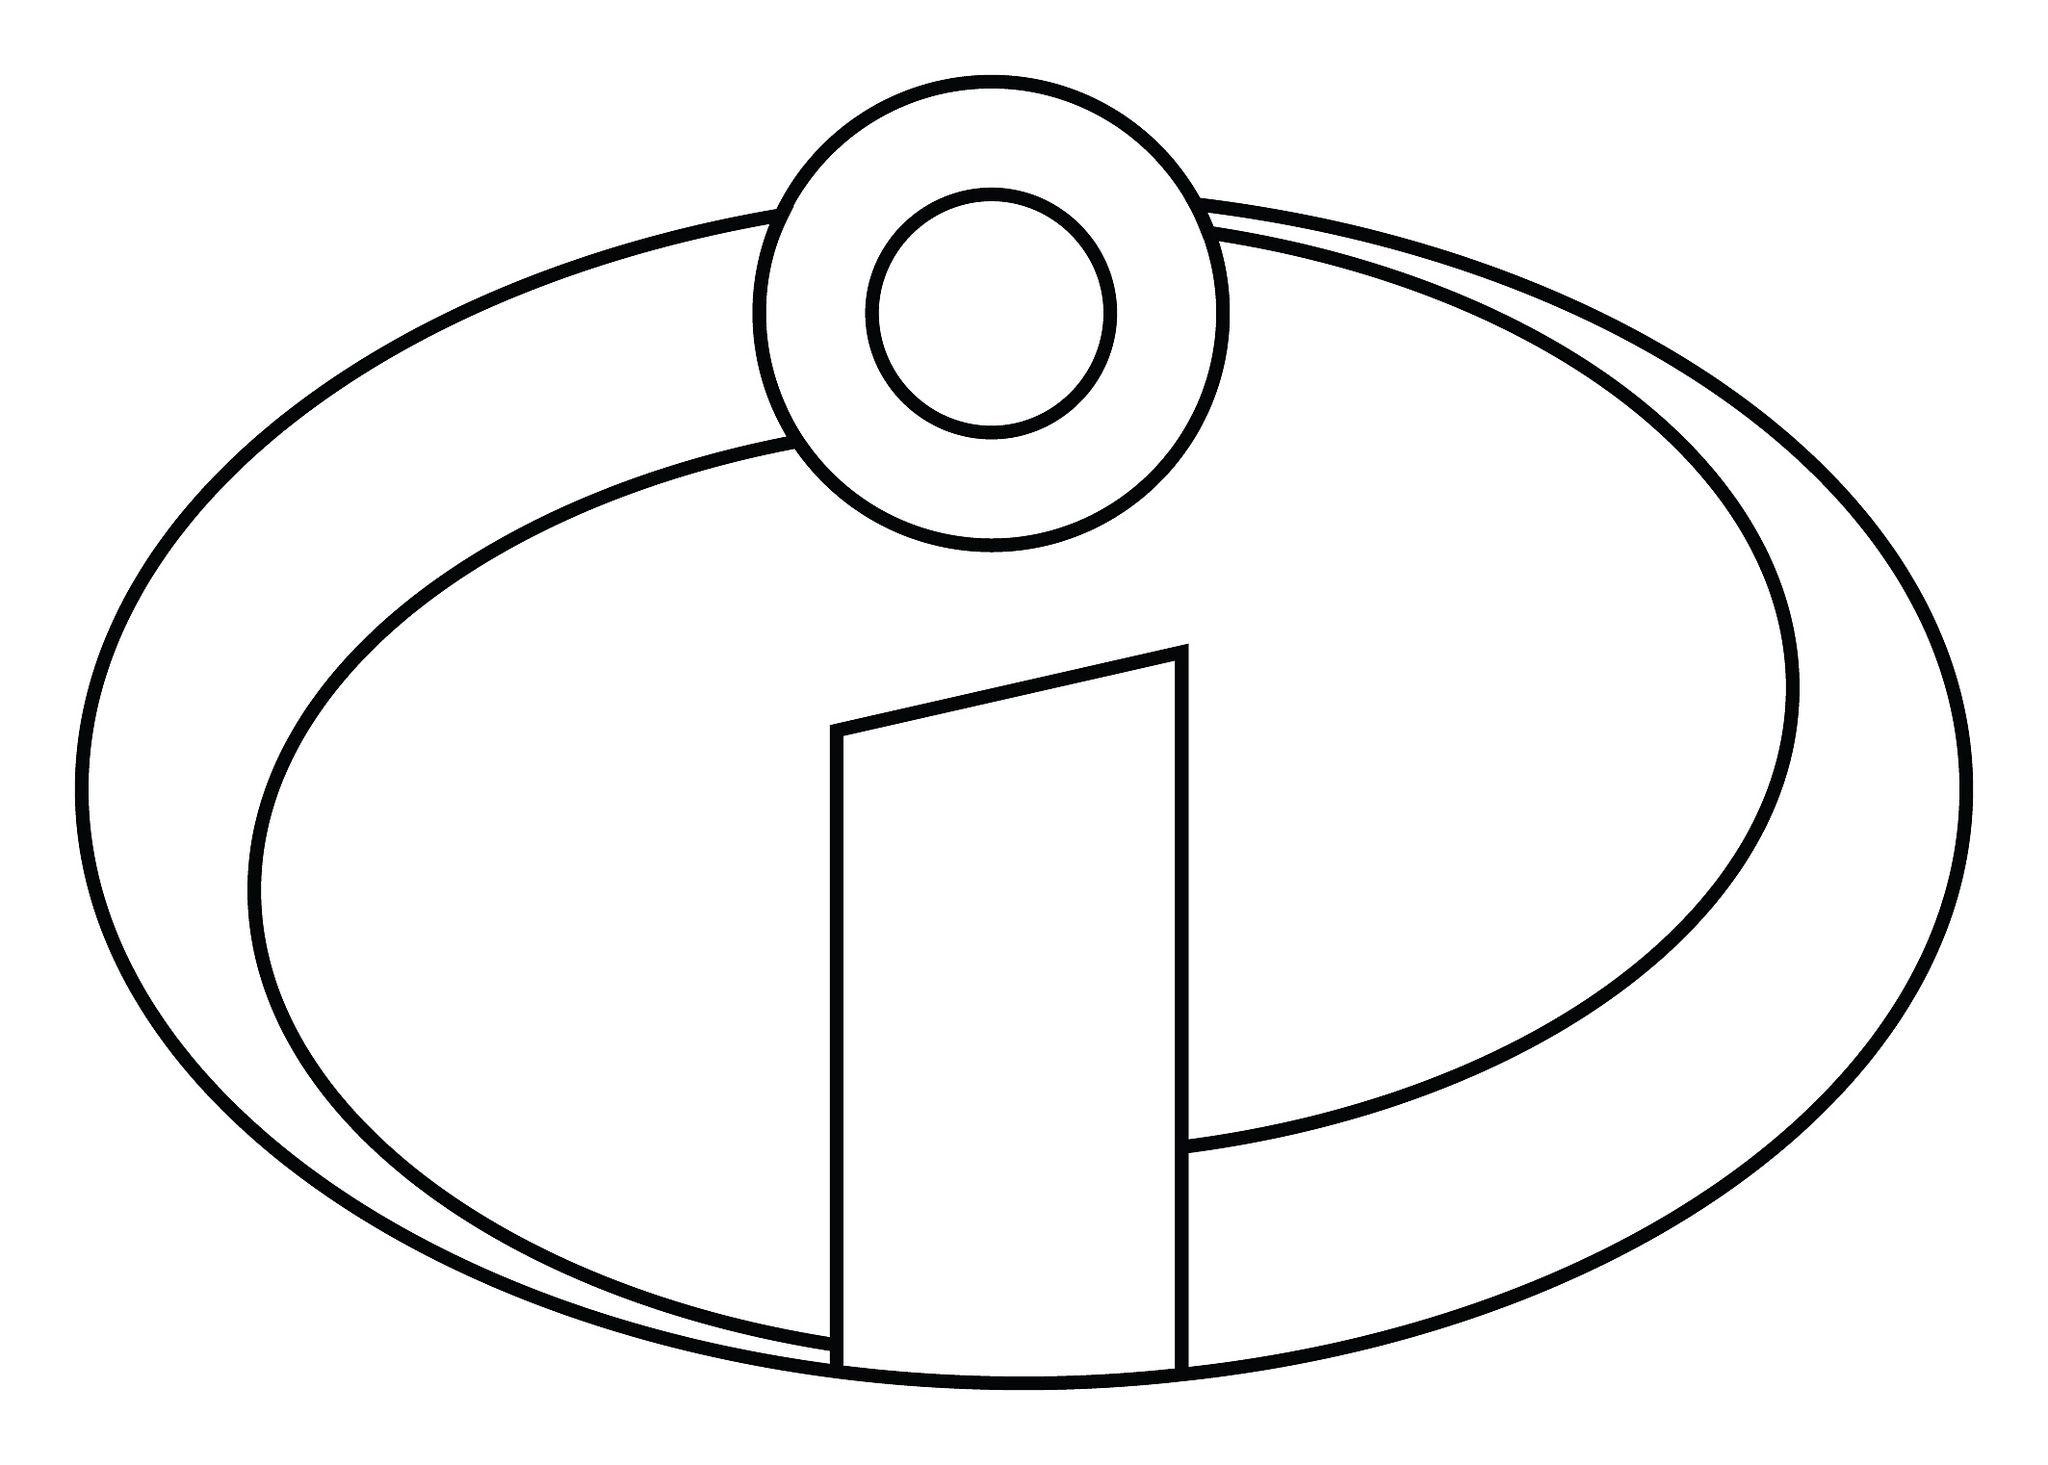 Pin on Logos.